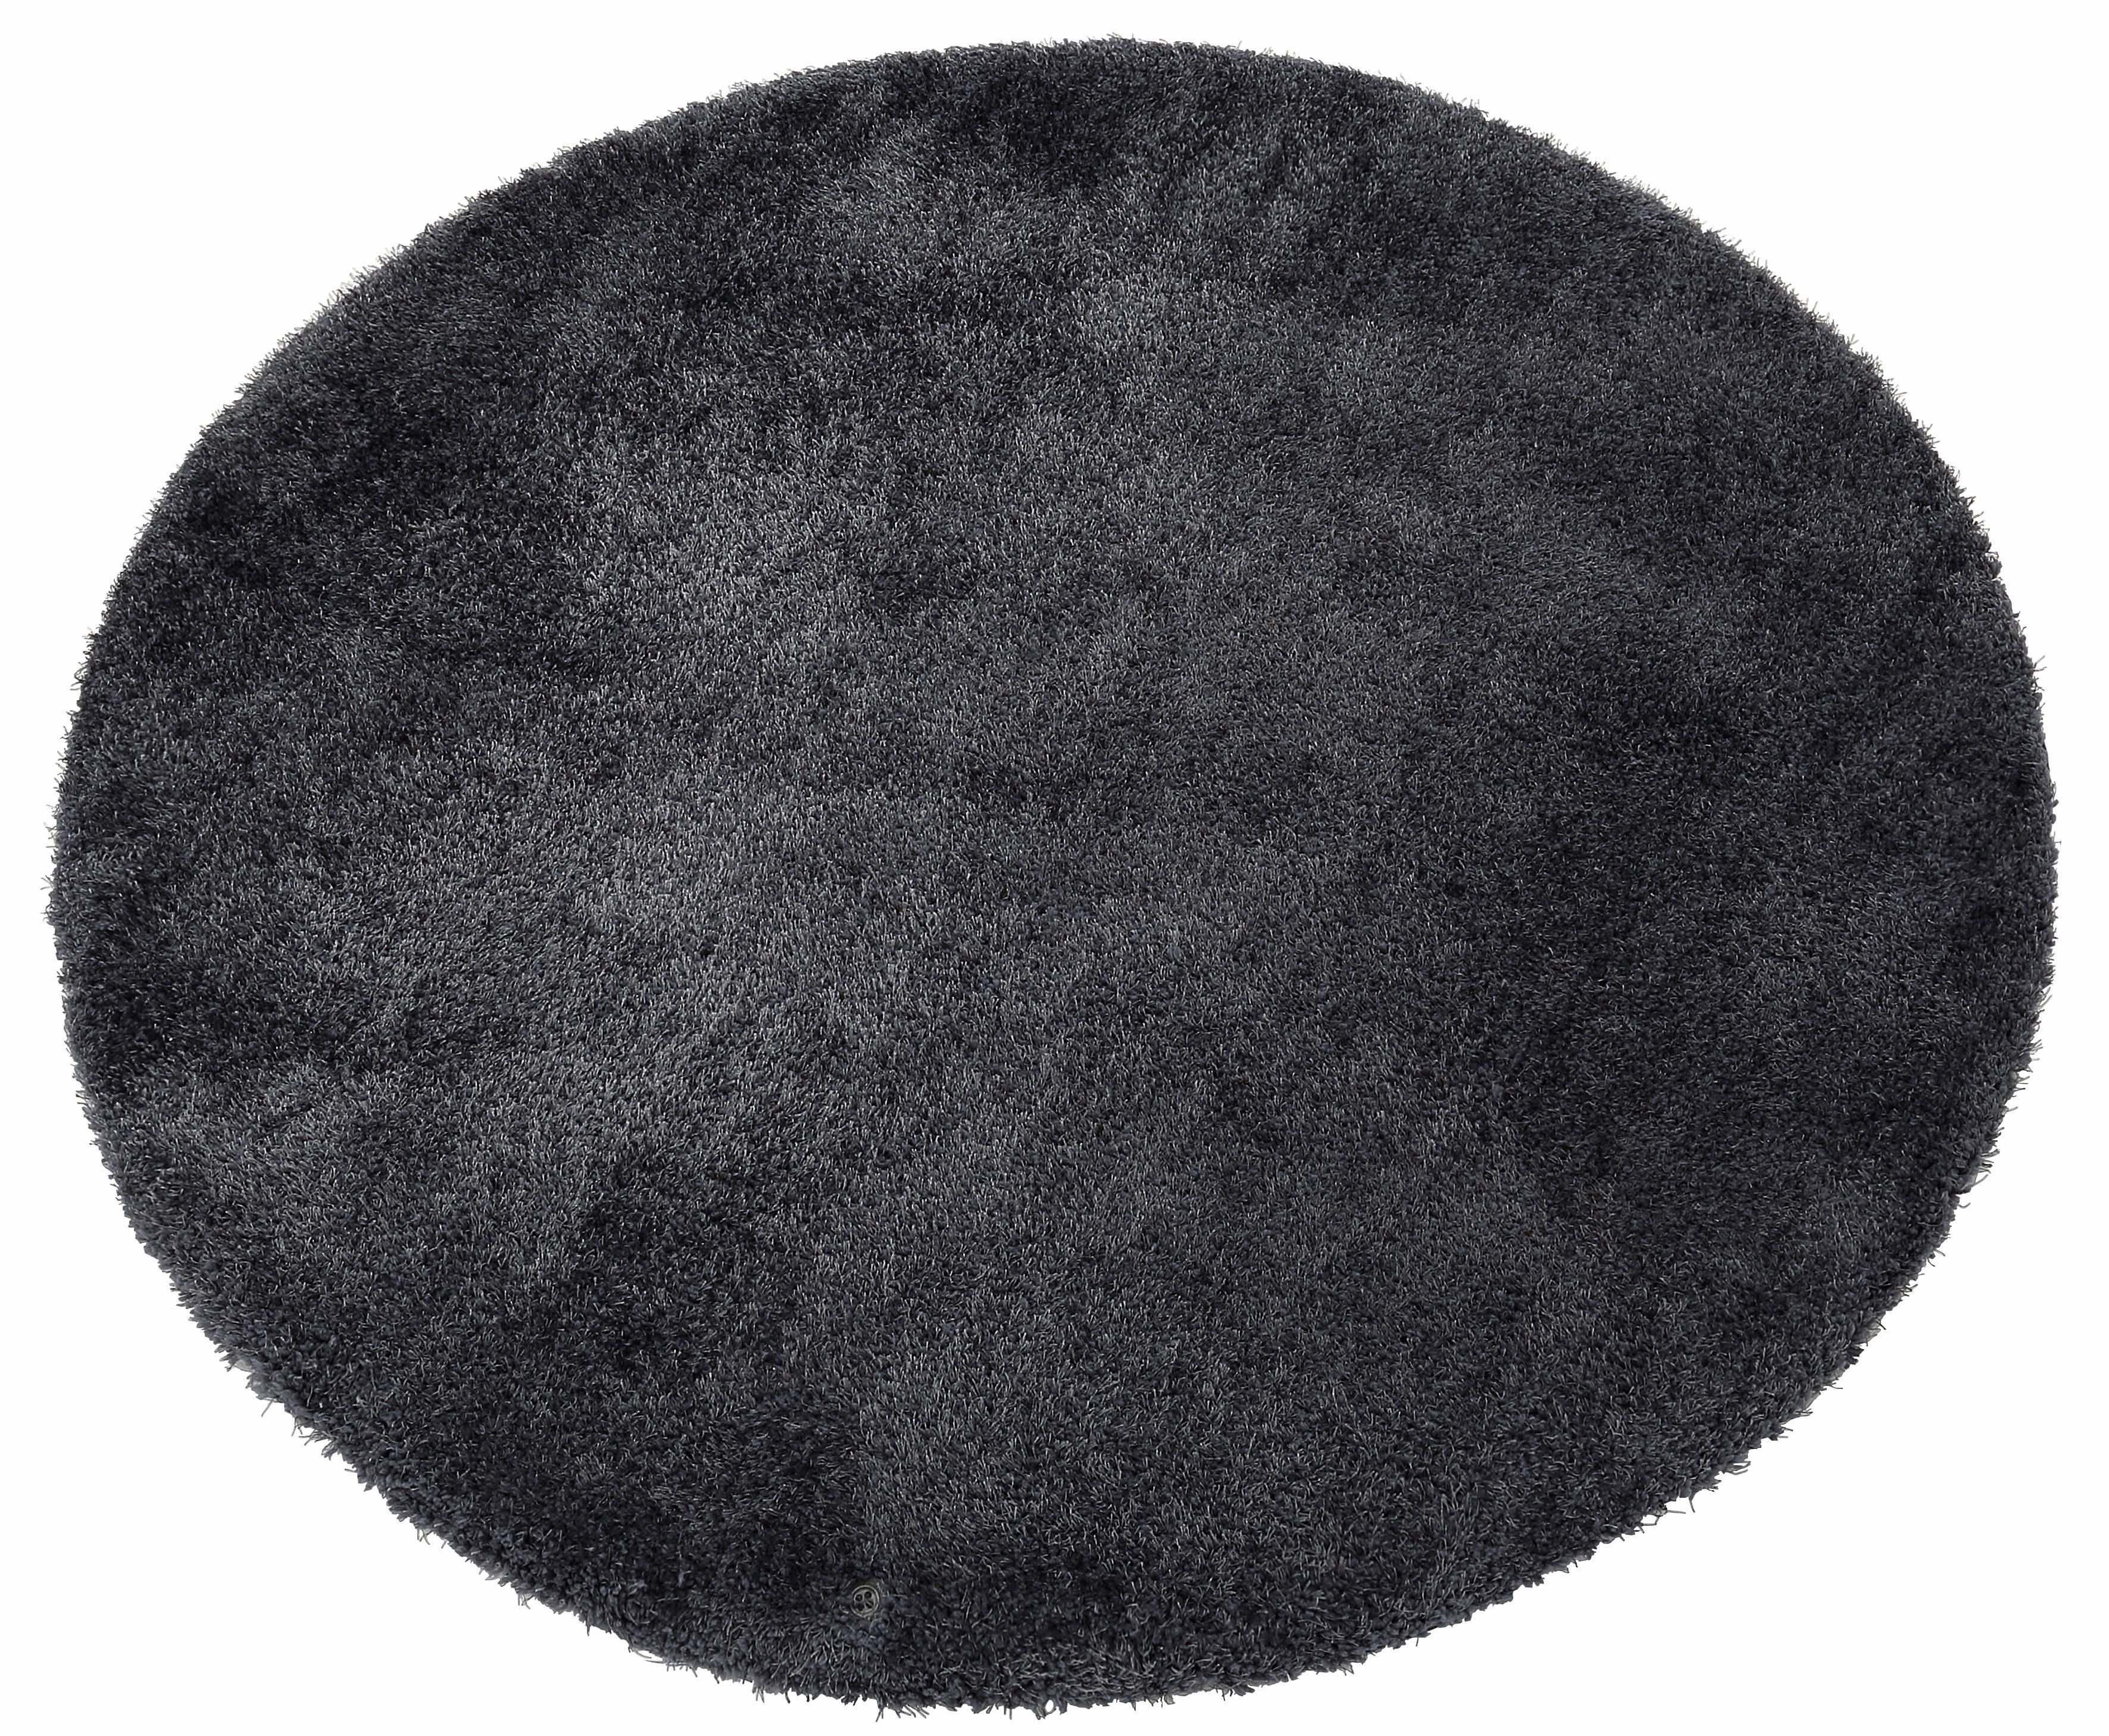 Hochflor-Teppich Soft TOM TAILOR rund Höhe 35 mm handgetuftet